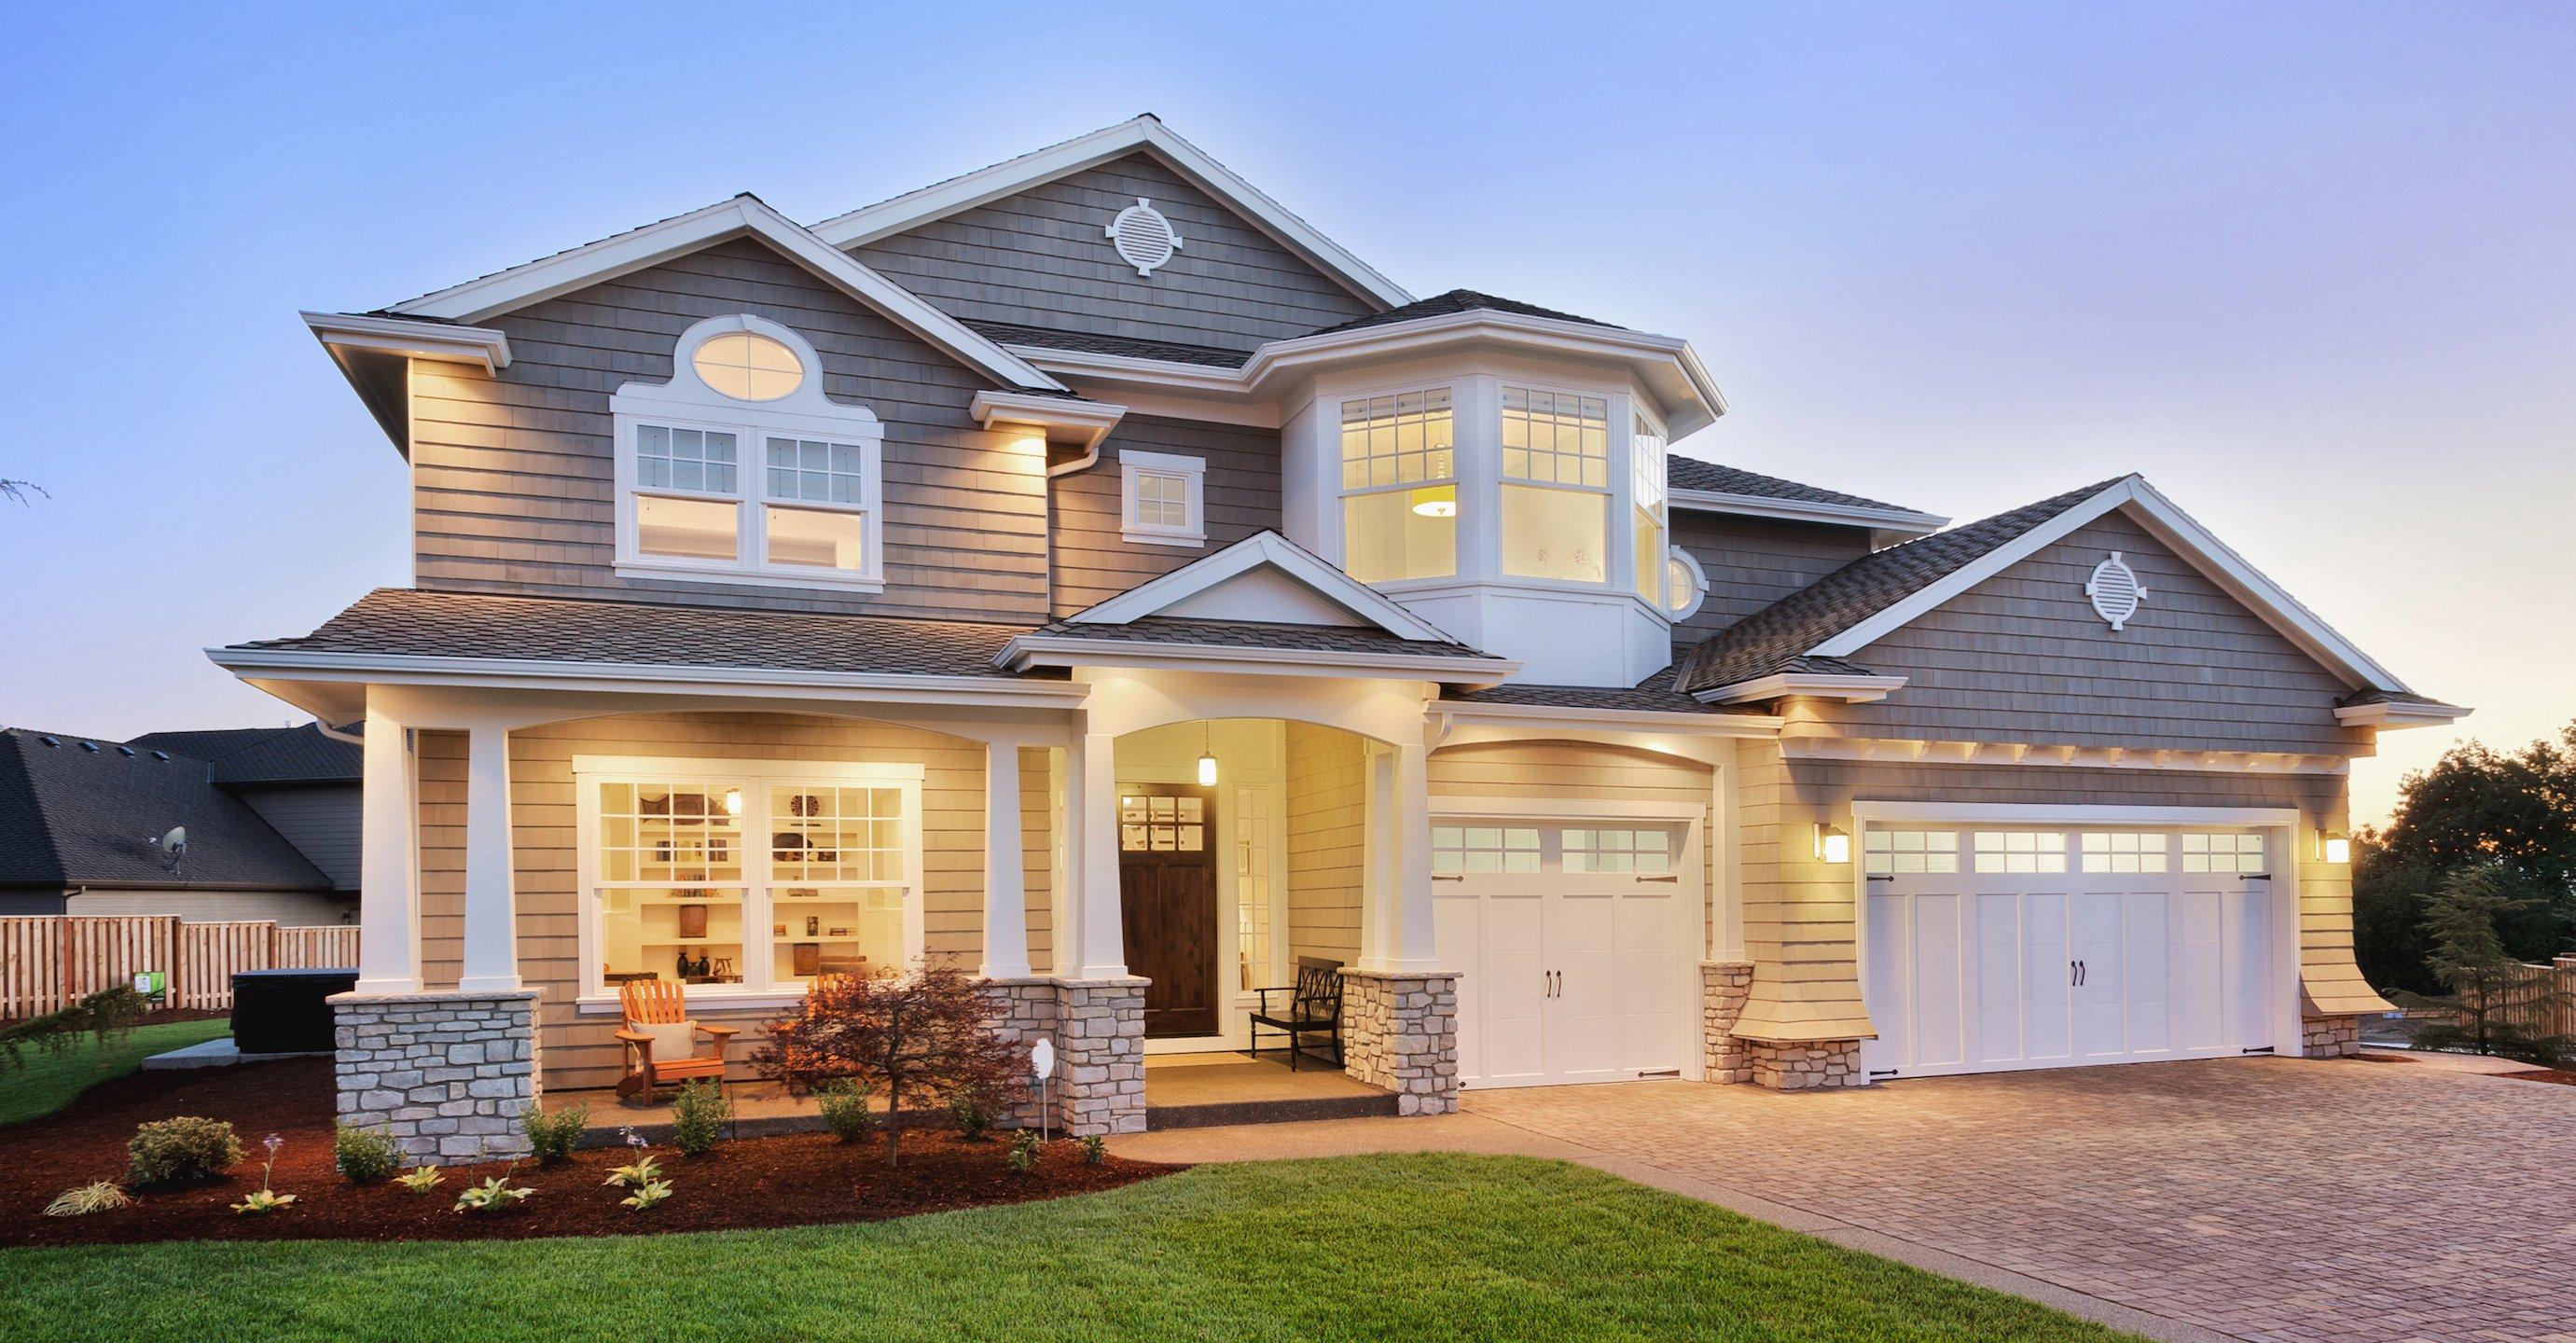 North Dallas Model Home